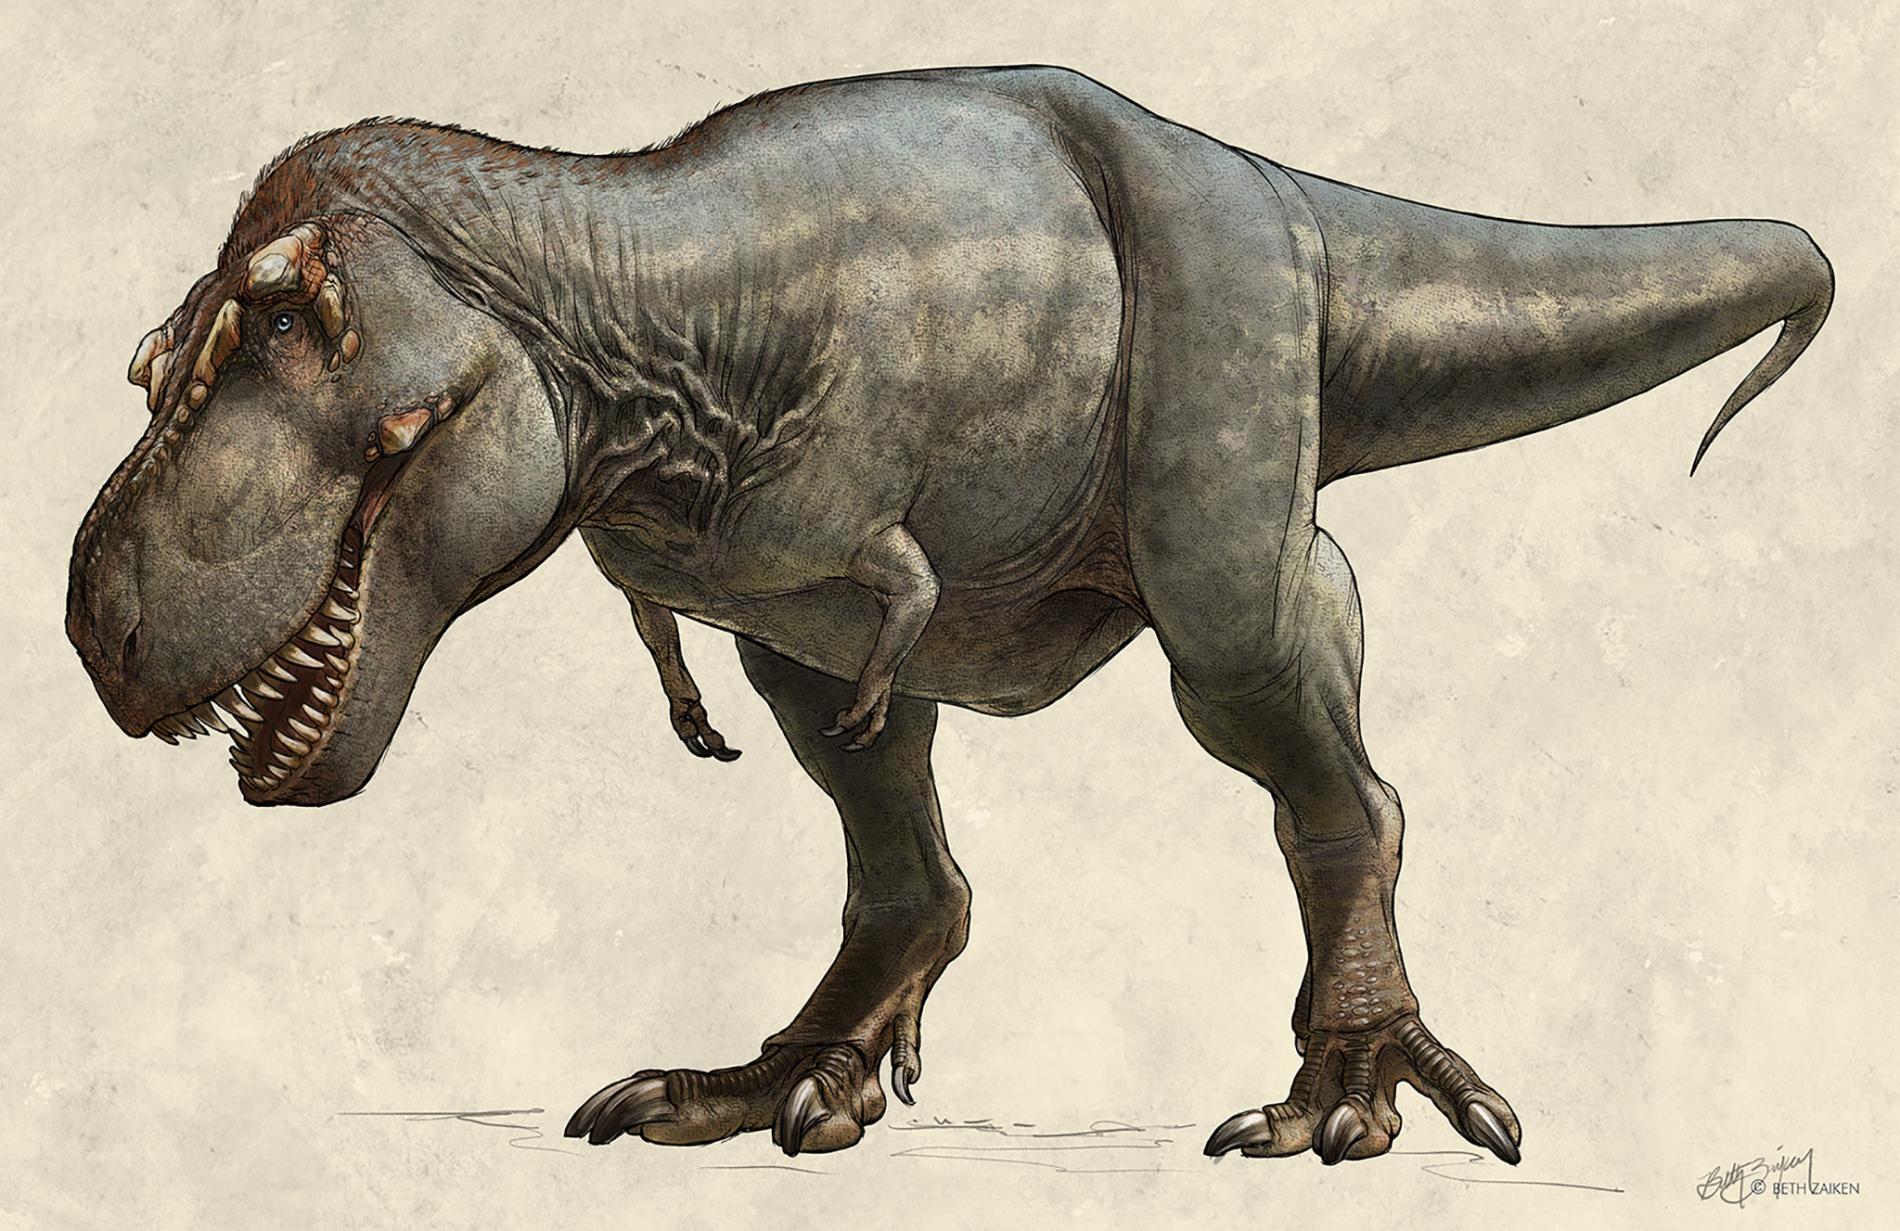 這隻1991年出土的霸王龍(<i>Tyrannosaurus rex</i>)標本又名「史寇提」(Scotty),牠在世時可能重達8,800公斤,是已知最大的霸王龍。 ILLUSTRATION BY BETH ZAIKEN, THE ROYAL SASKATCHEWAN MUSEUM